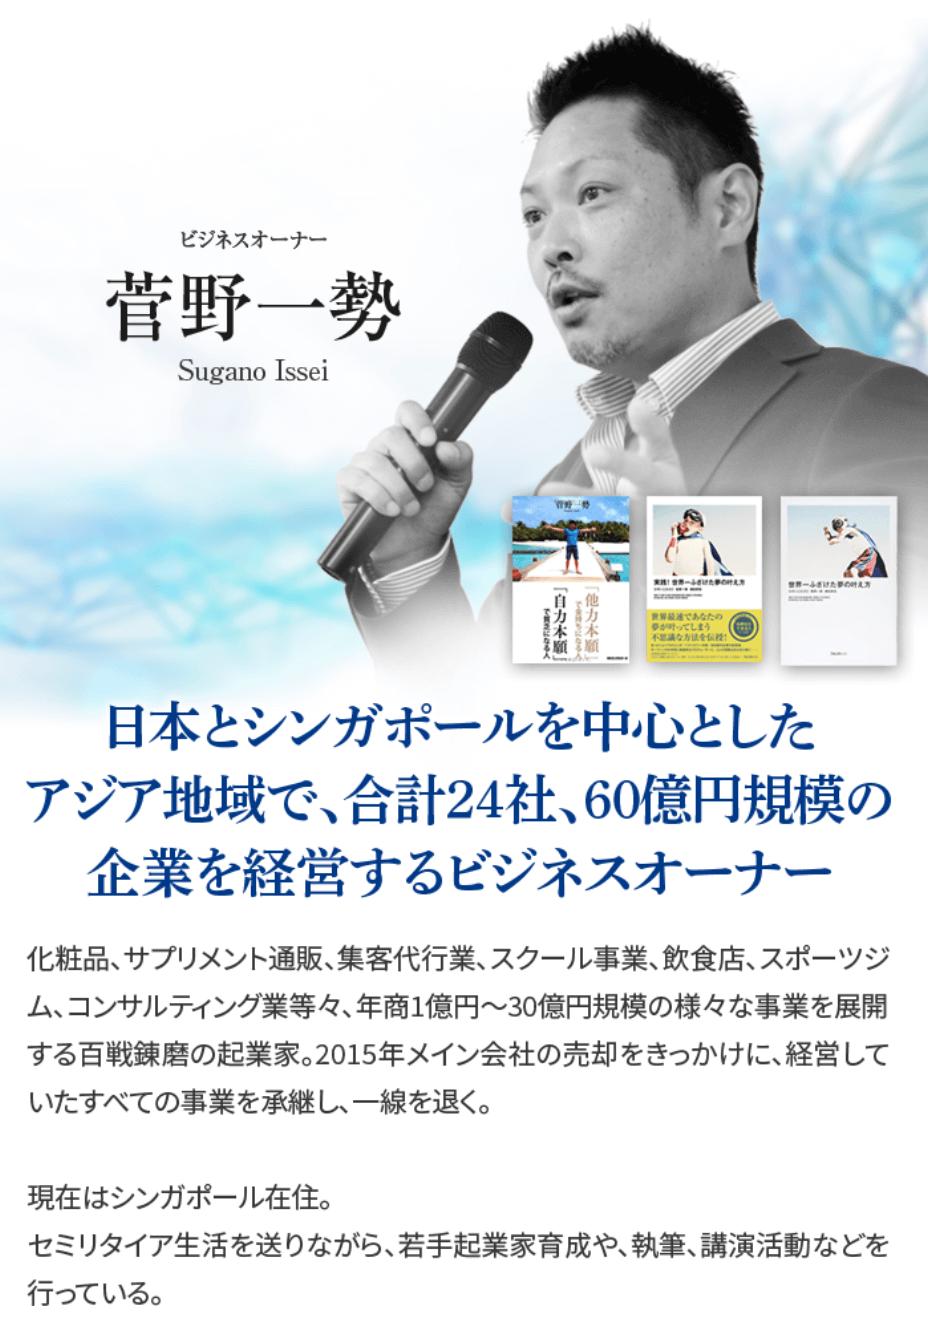 講師・菅野一勢の略歴